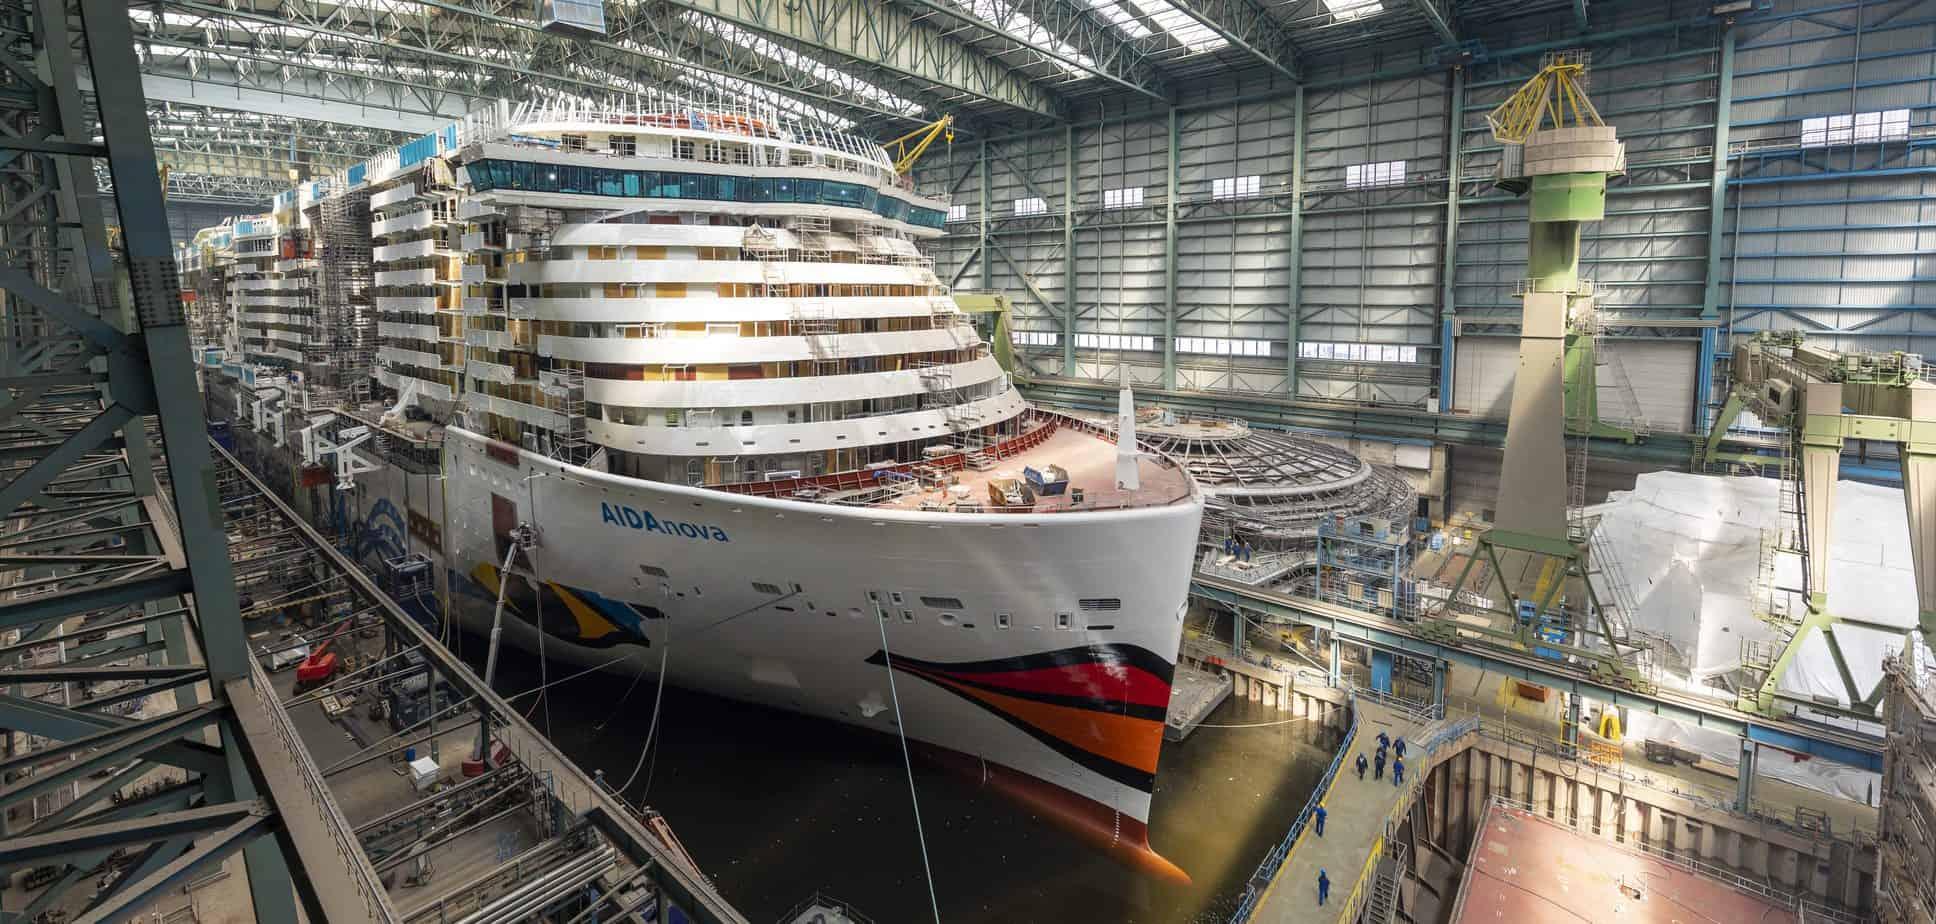 Bezoek aan de Meyer Werft